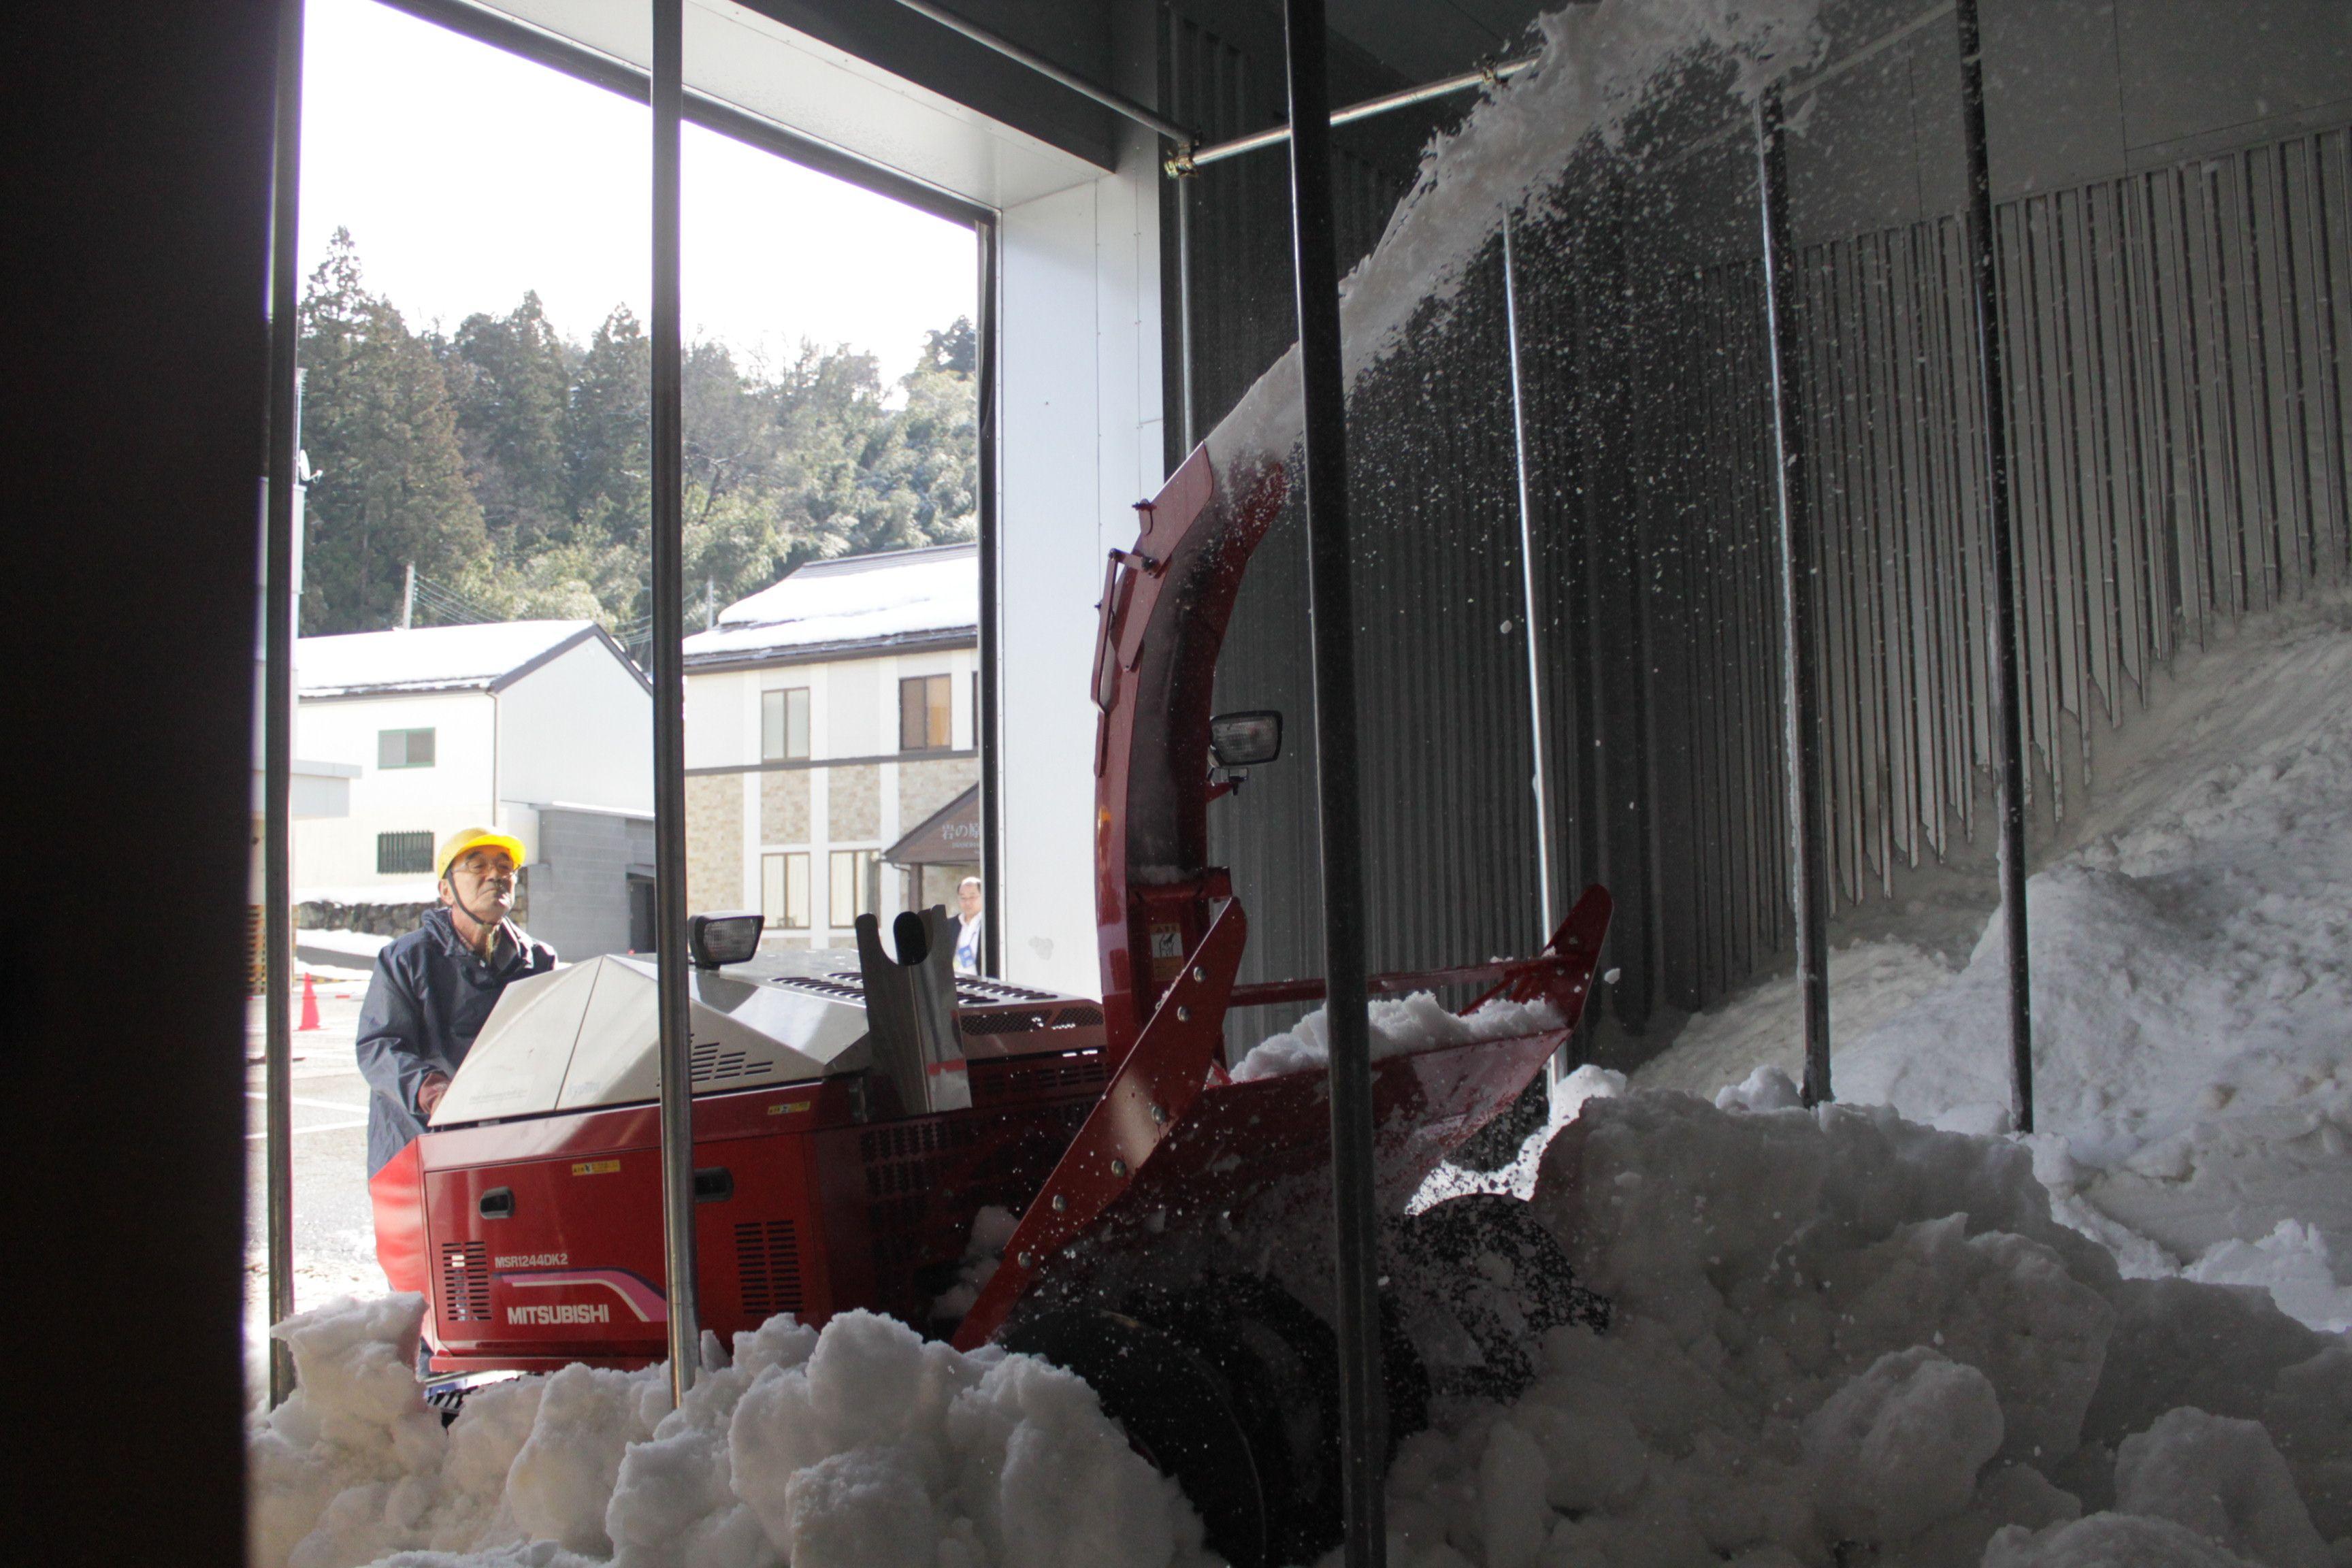 除雪機で行われた雪室への雪入れ作業=4日、上越市北方の岩の原葡萄園